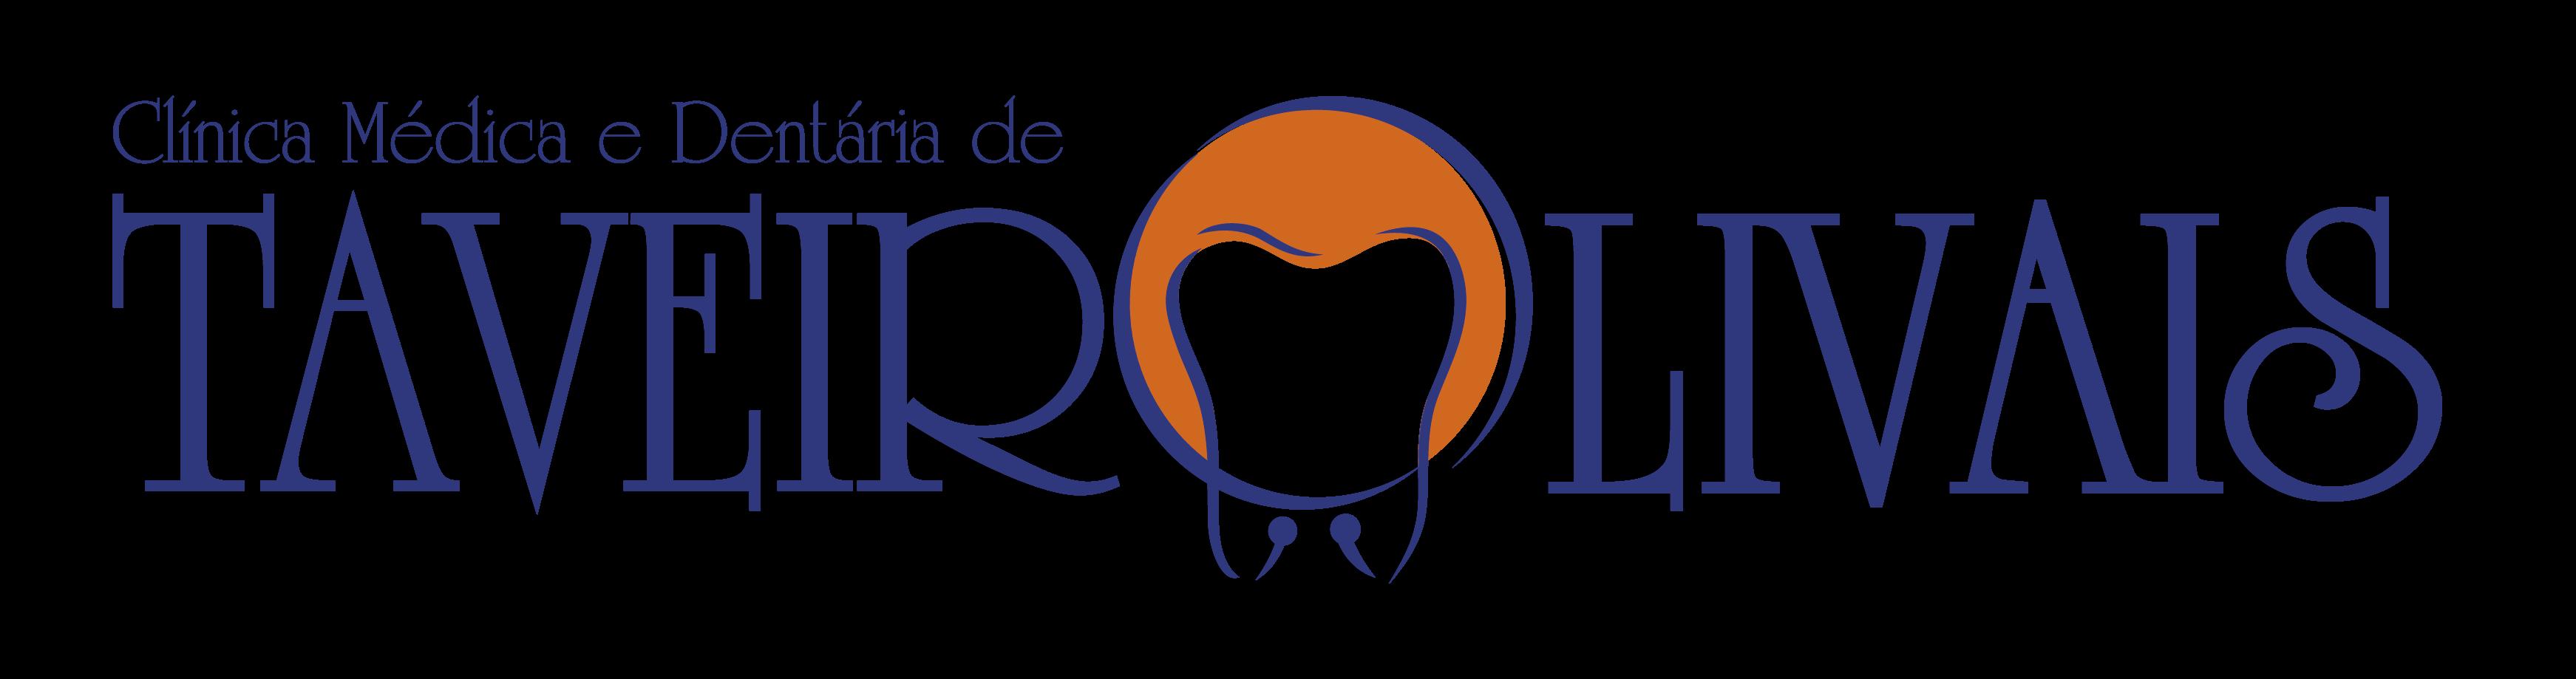 Clínica Médica Dentária de Taveiro e Olivais